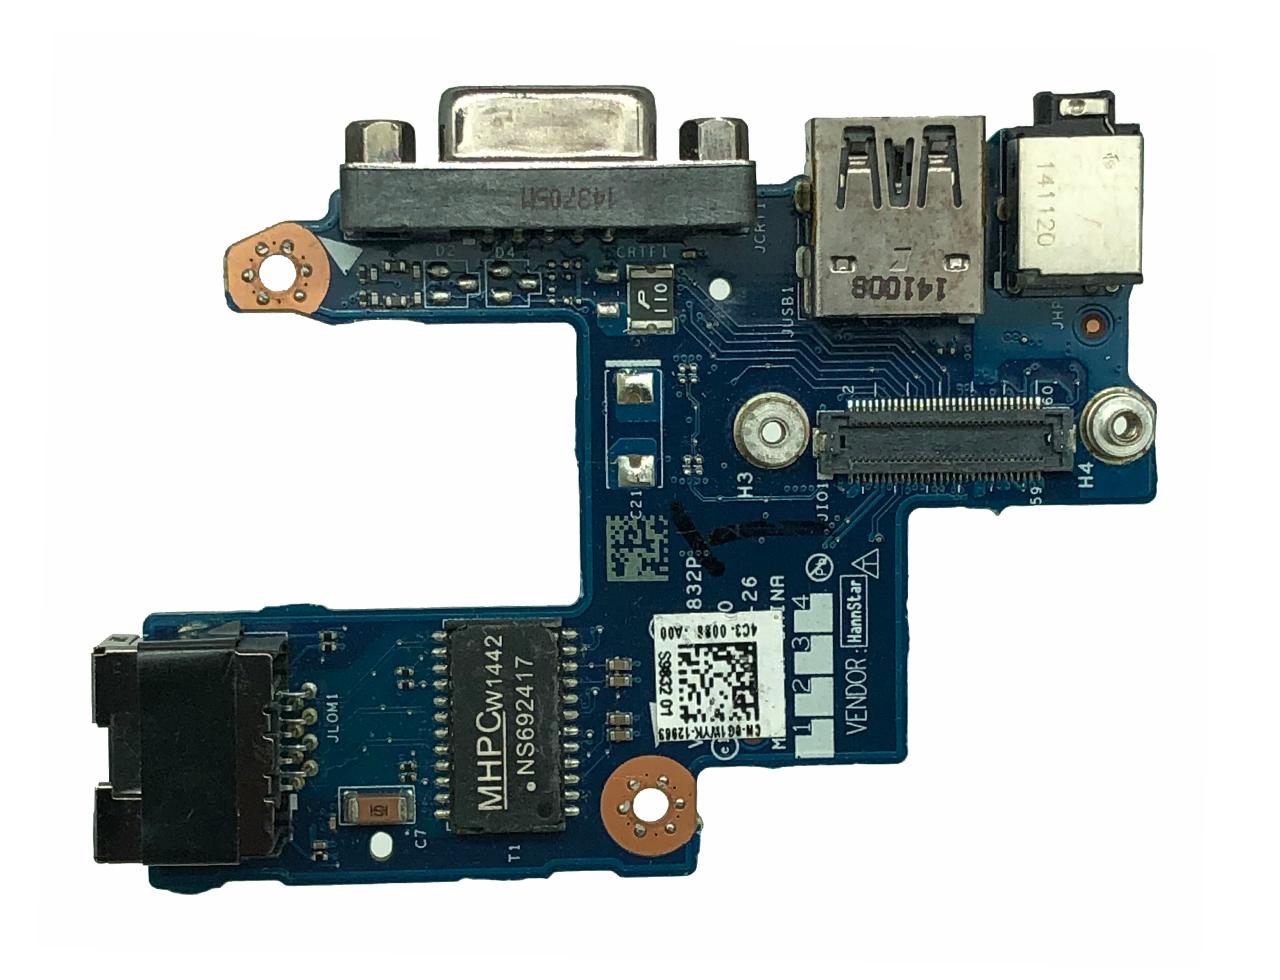 戴尔Dell Latitude E5440 Audio USB VGA Ethernet Board 0G1WYK CN-0G1WYK VAW30 LS-9832P 接口 音频板